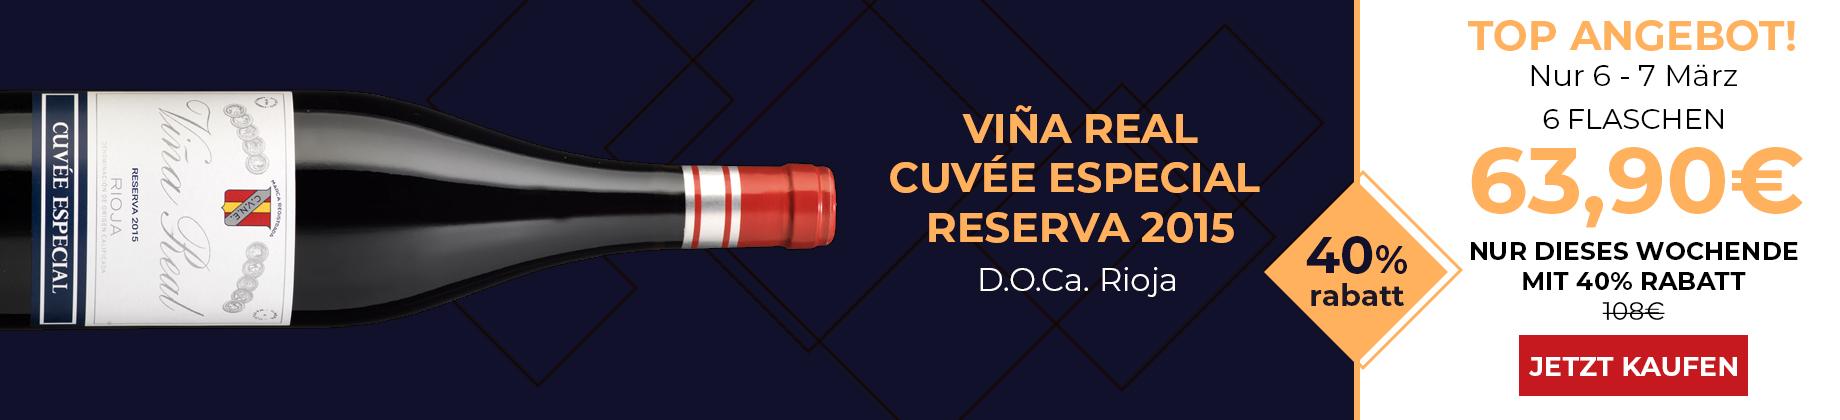 VIÑA REAL CUVÉE ESPECIAL RESERVA